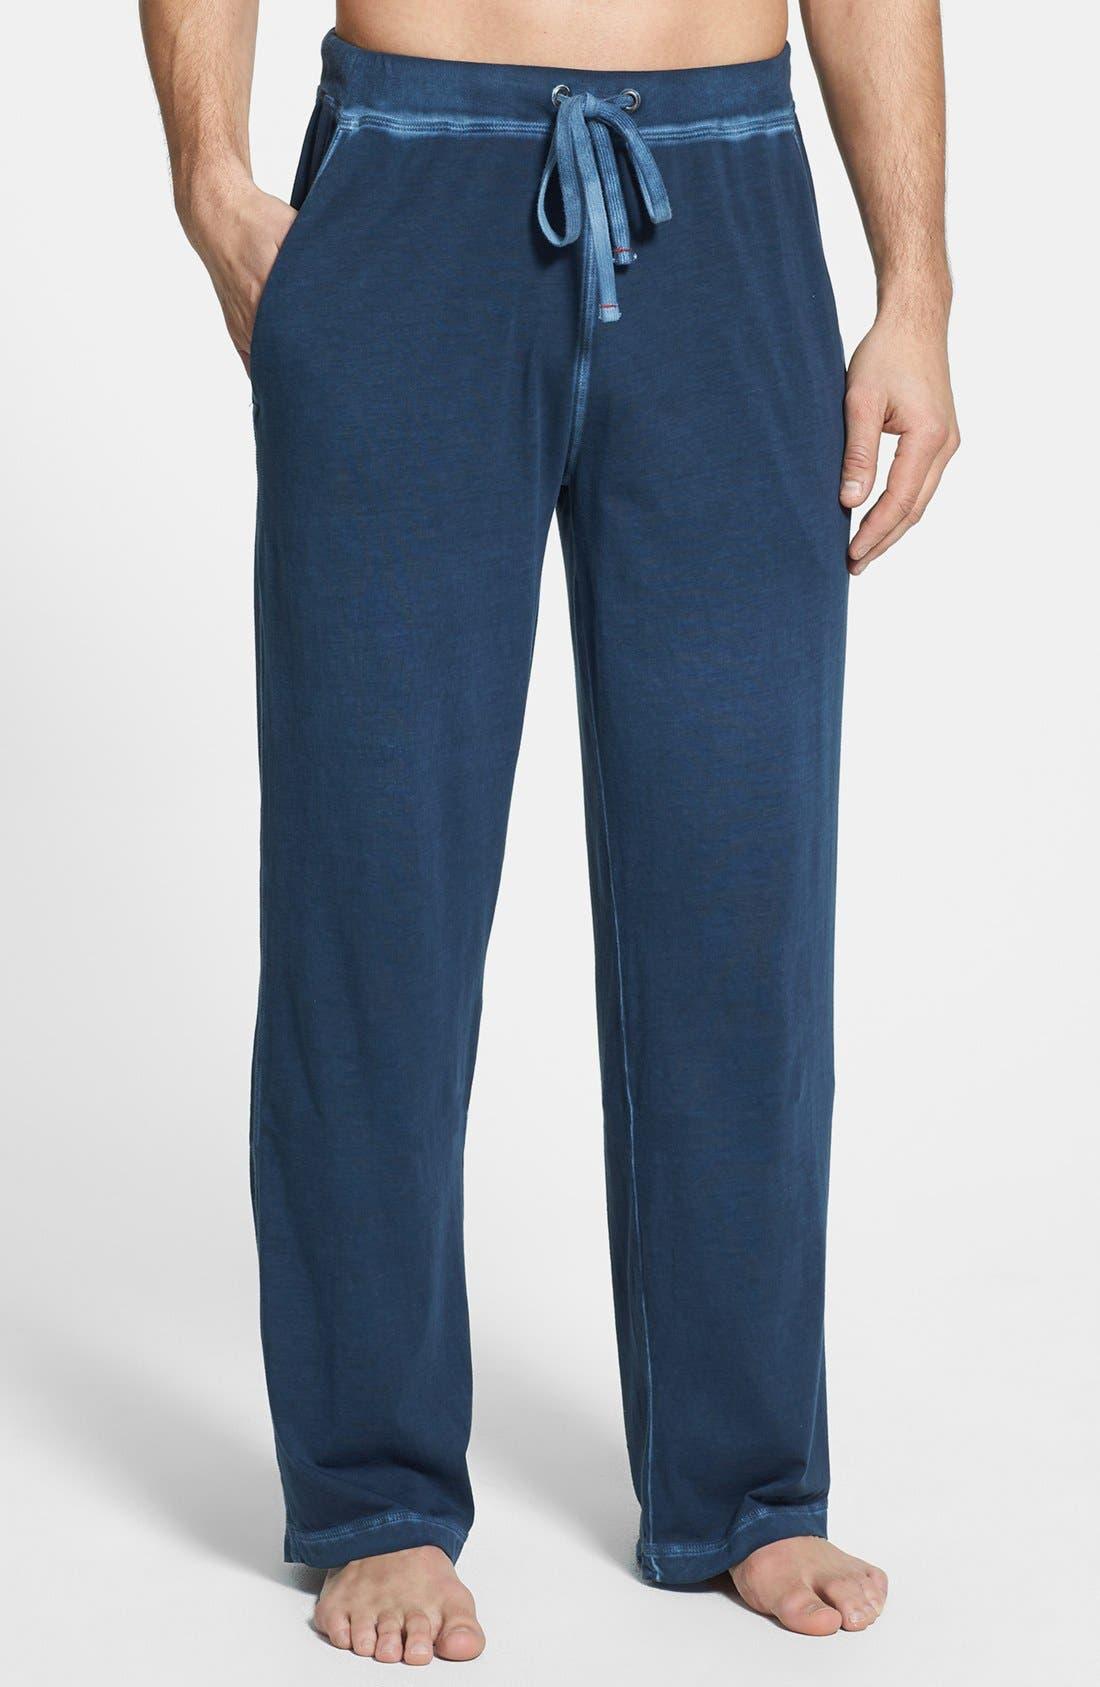 Main Image - Daniel Buchler Peruvian Pima Cotton Lounge Pants